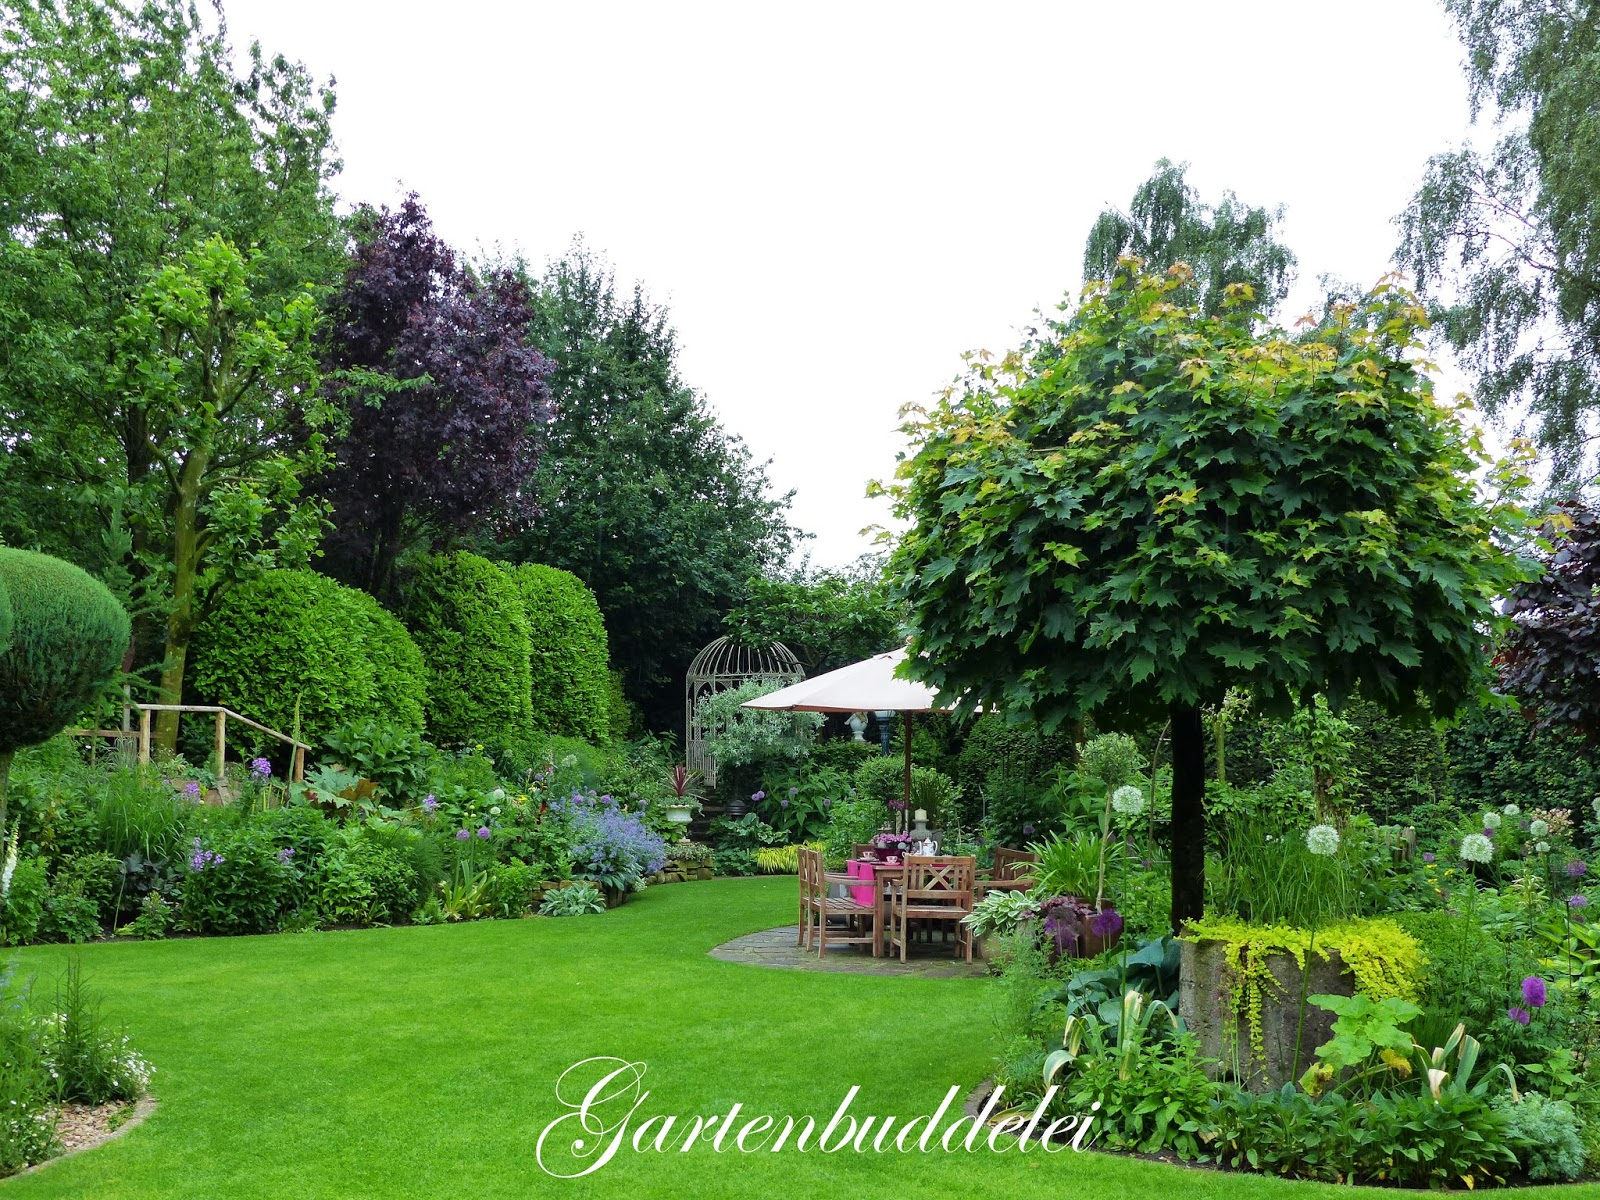 Gartenbuddelei 10jähriges Jubiläum Im Garten Picker